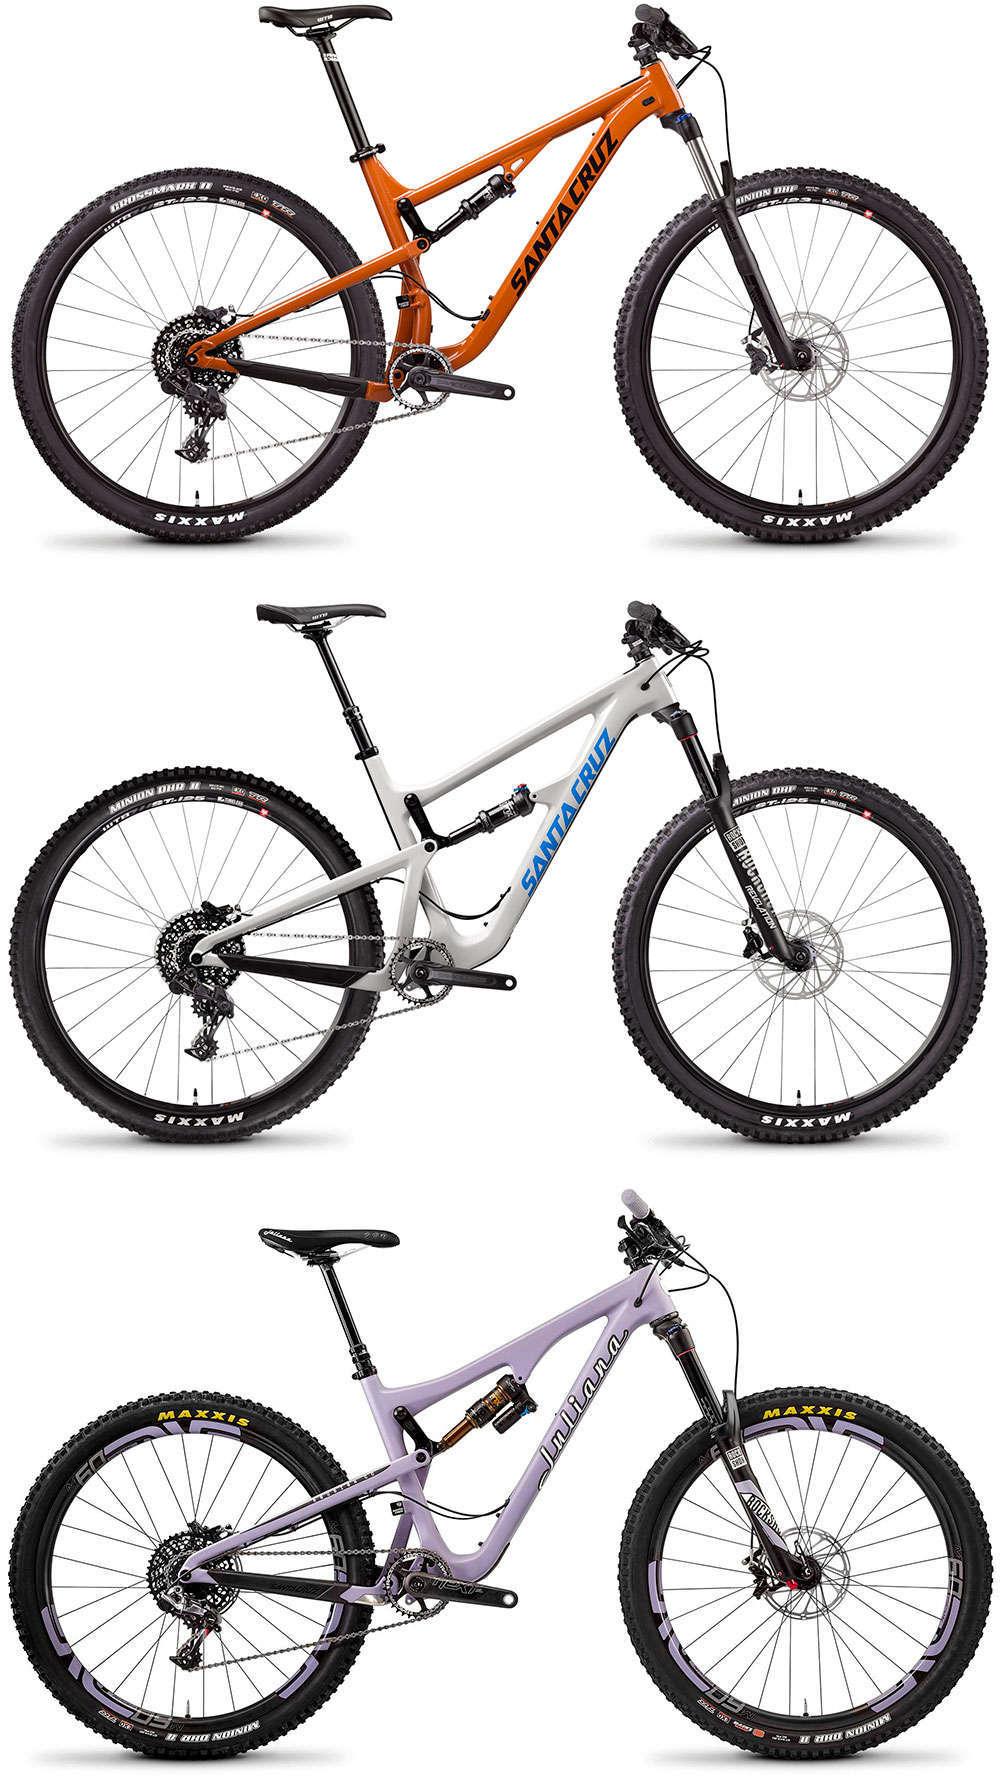 En TodoMountainBike: Reducción de precio en España para las bicicletas de Santa Cruz y Juliana Bicycles